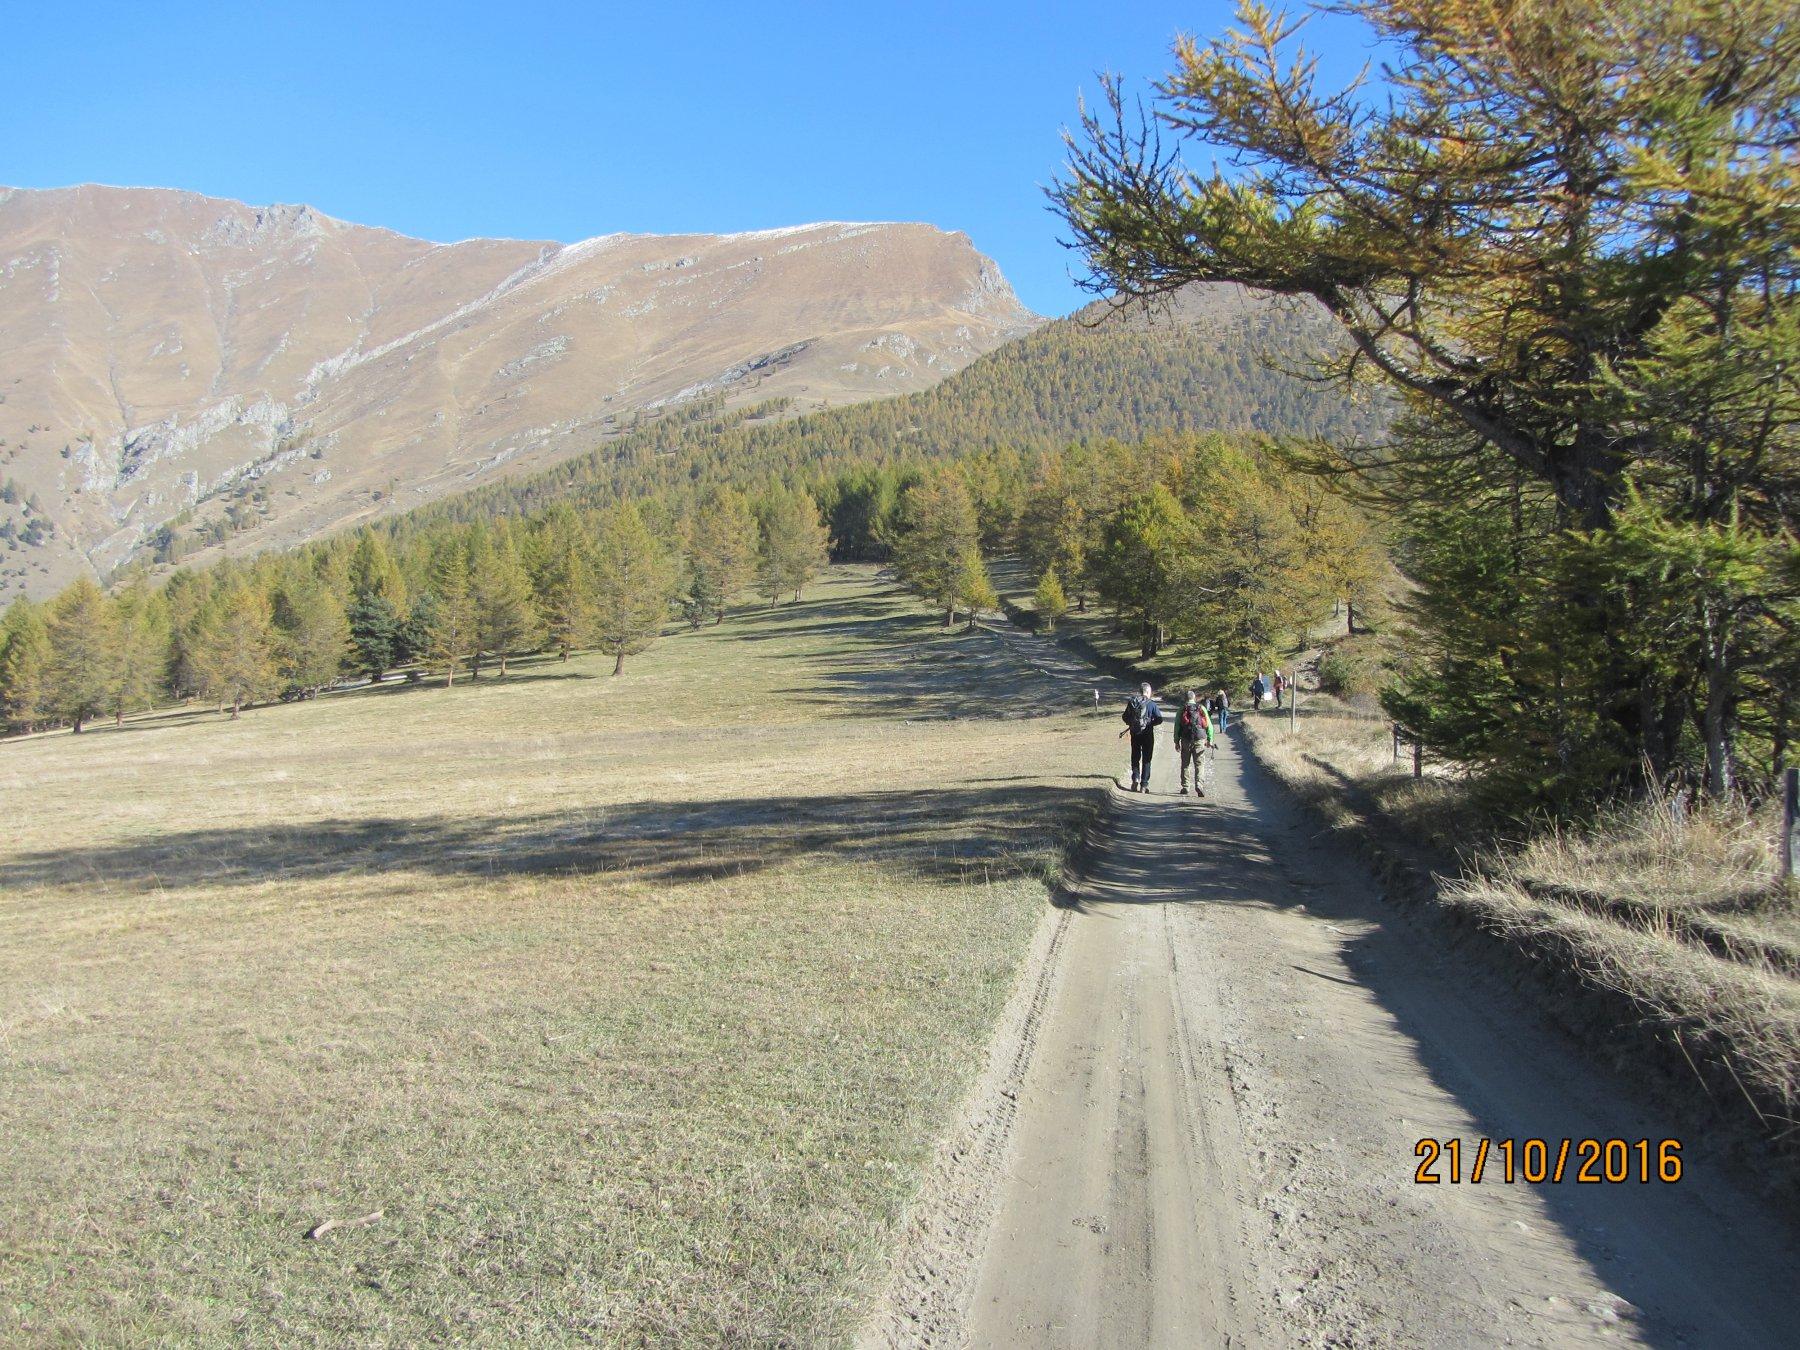 Strada sterrata tra Pra Catinat e rifugio Selliers